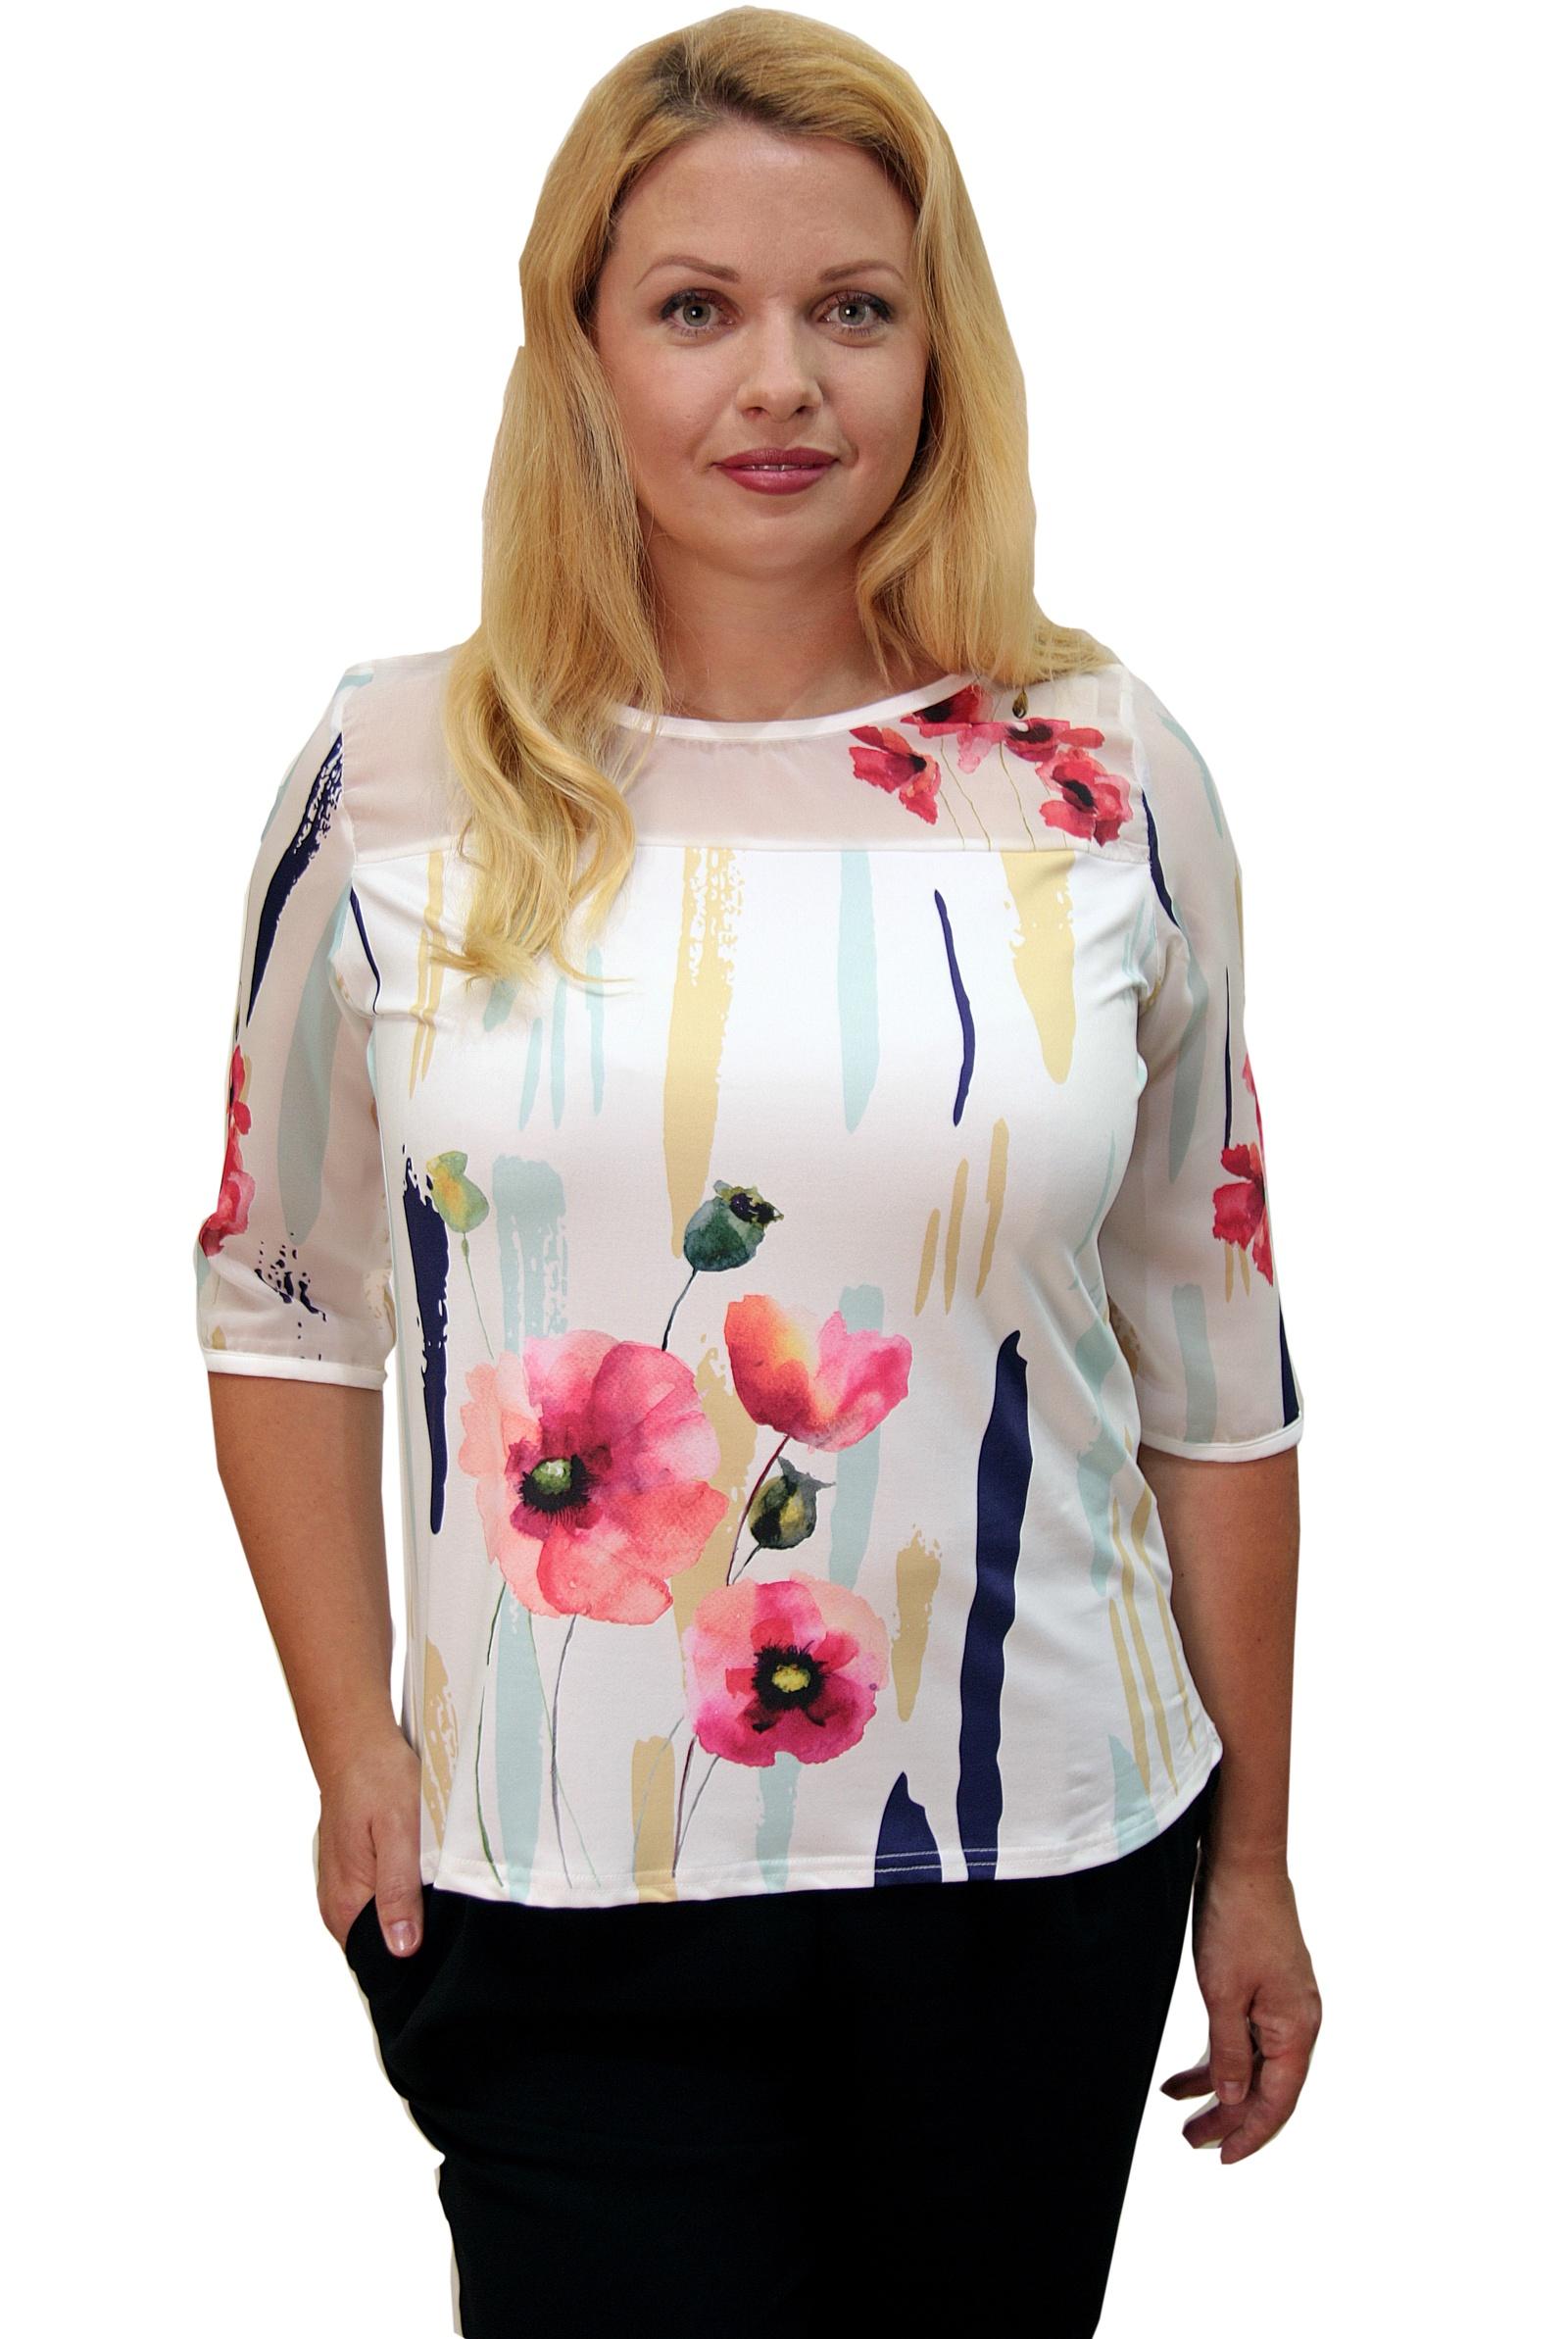 Футболка Naturel, белый 48 размерCMLT1605150-LФутболка свободного кроя выполнена из мягкого легкого трикотажа, украшена ярким, красочным принтом. Рукав и кокетка выполнены из полупрозрачного шифона. Футболка-блузка будет замечательно смотреться не только в деловом, офисном и повседневном стиле, но и романтическом. В этой футболке вы будите выглядеть современно, женственно и соответствовать модным тенденциям текущего сезона.